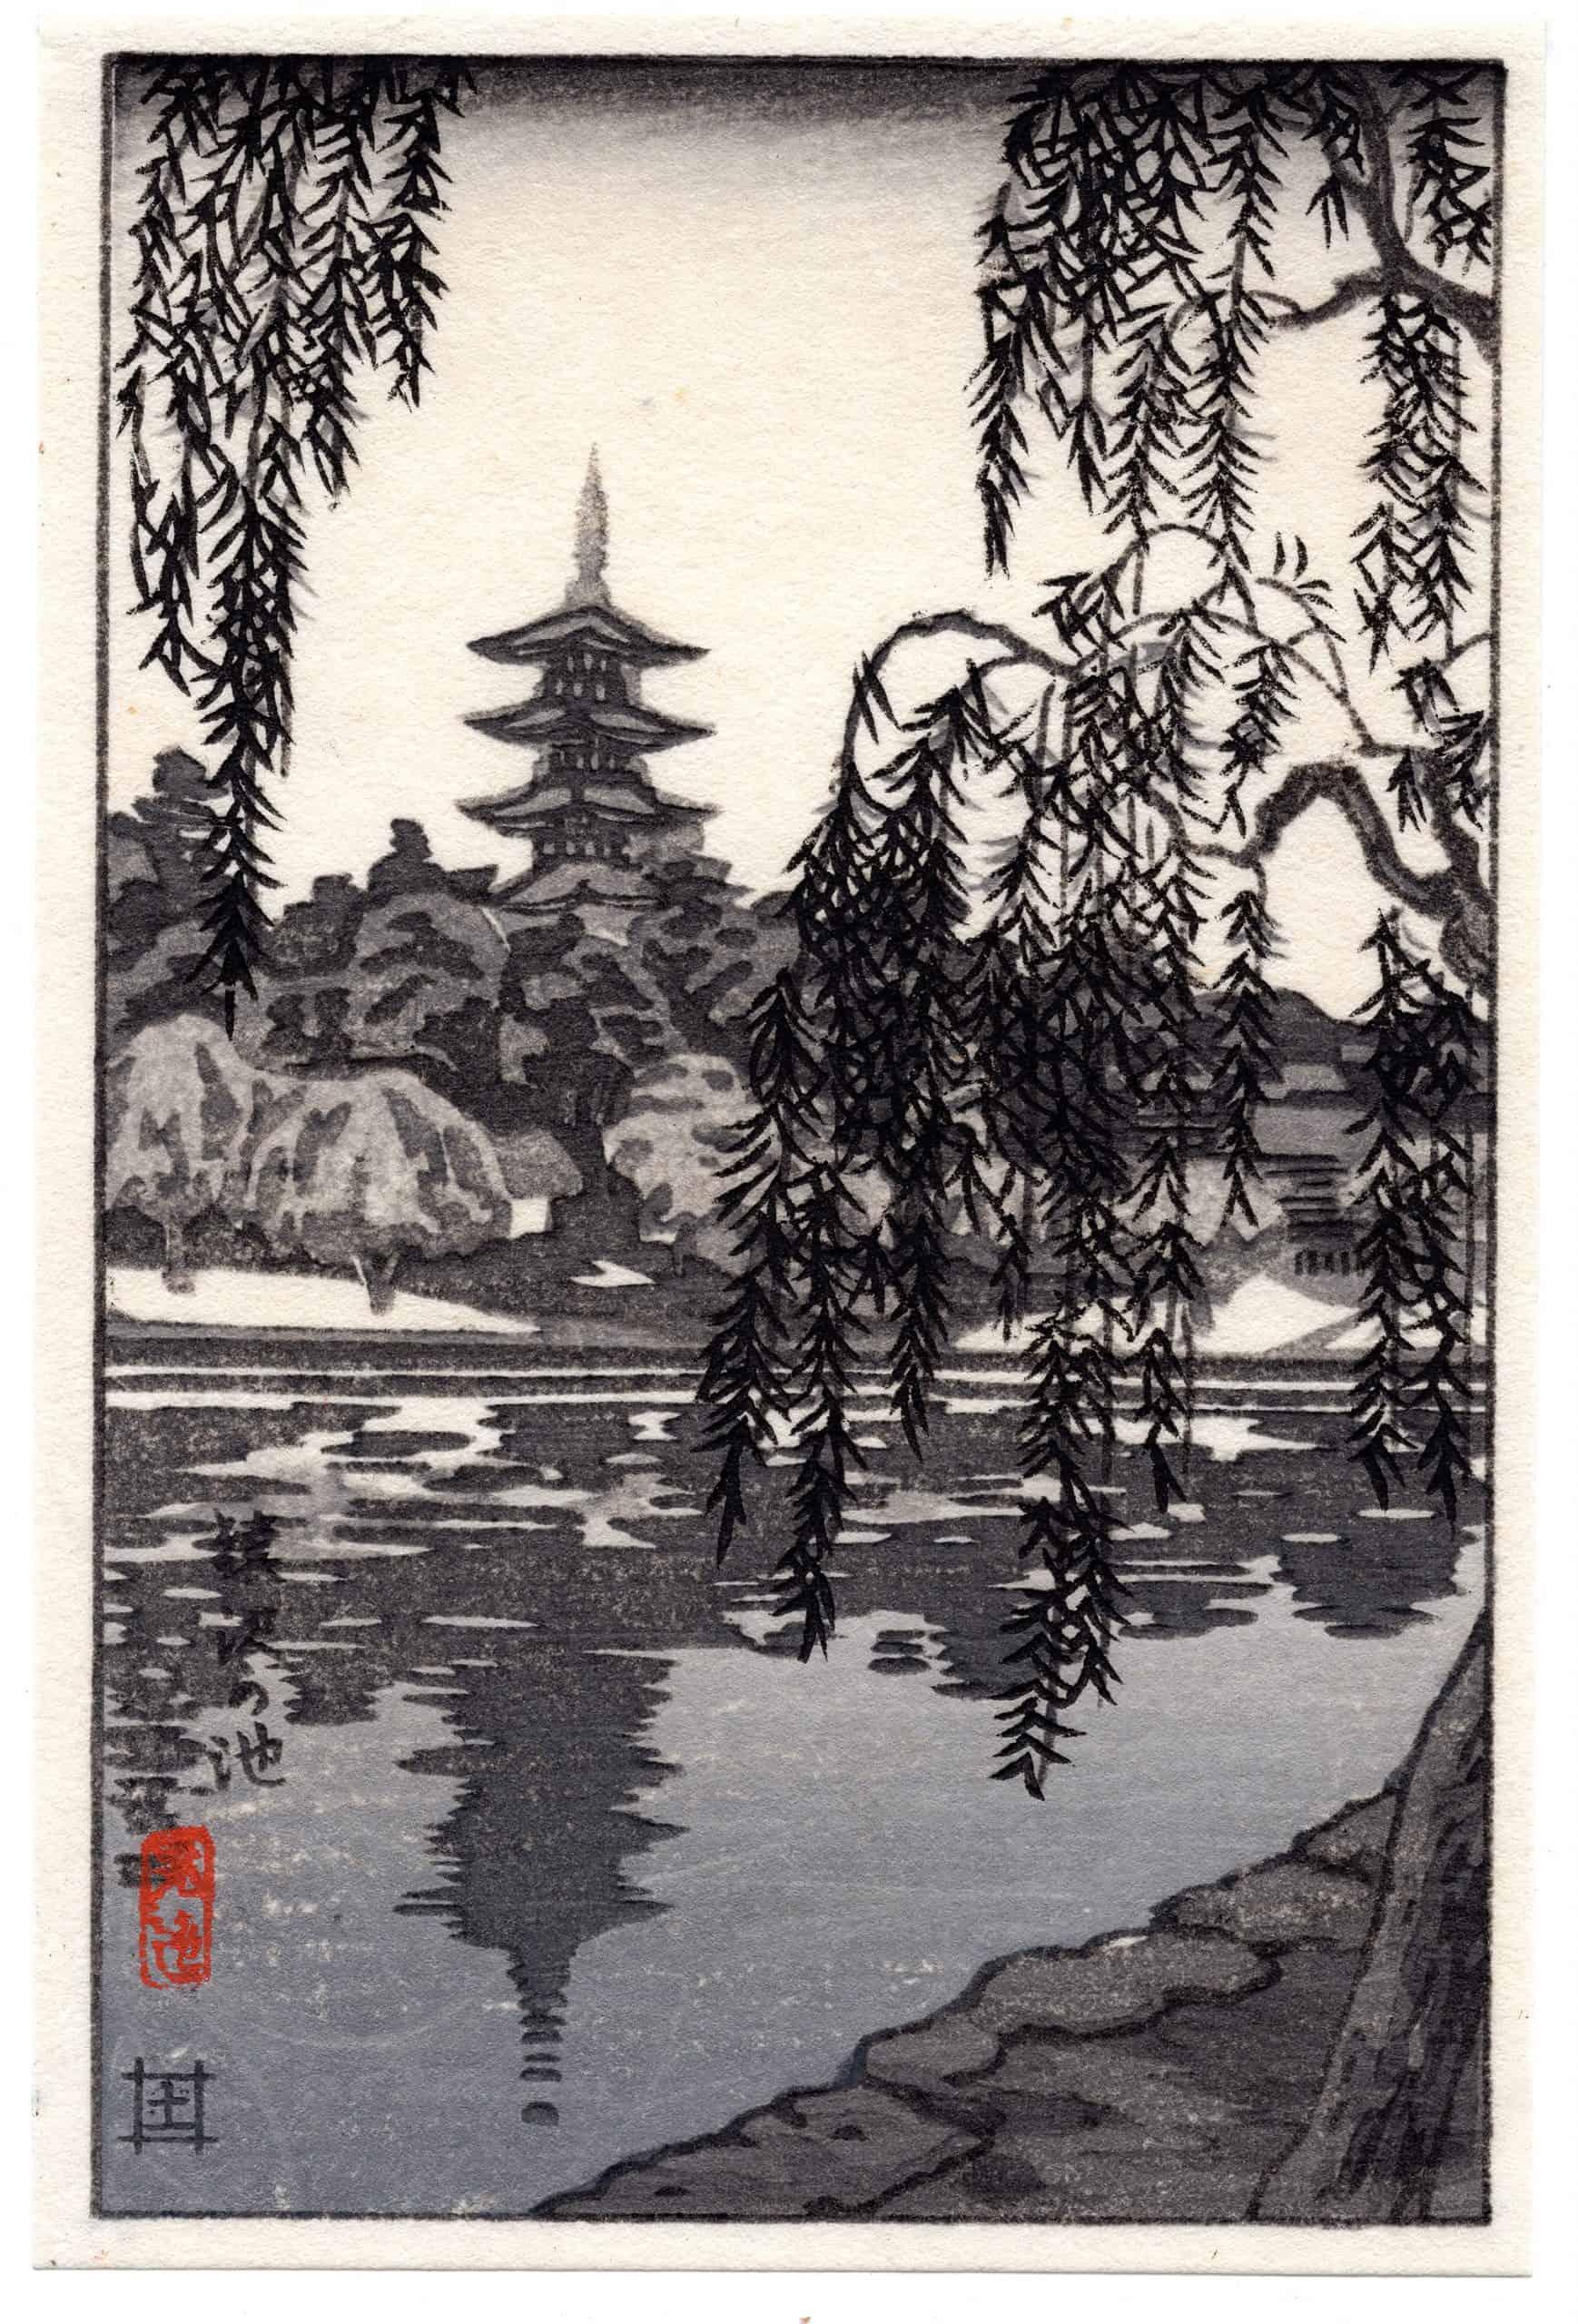 Tsuchiya Koitsu - Sarusawa Pond